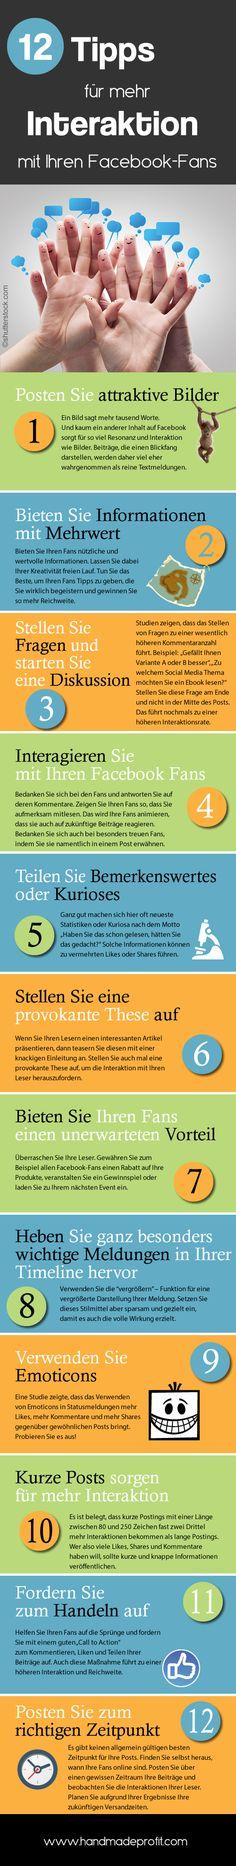 12 Tipps für mehr Interaktion mit Ihren Fansbook-Fans © http://www.handmadeprofit.com